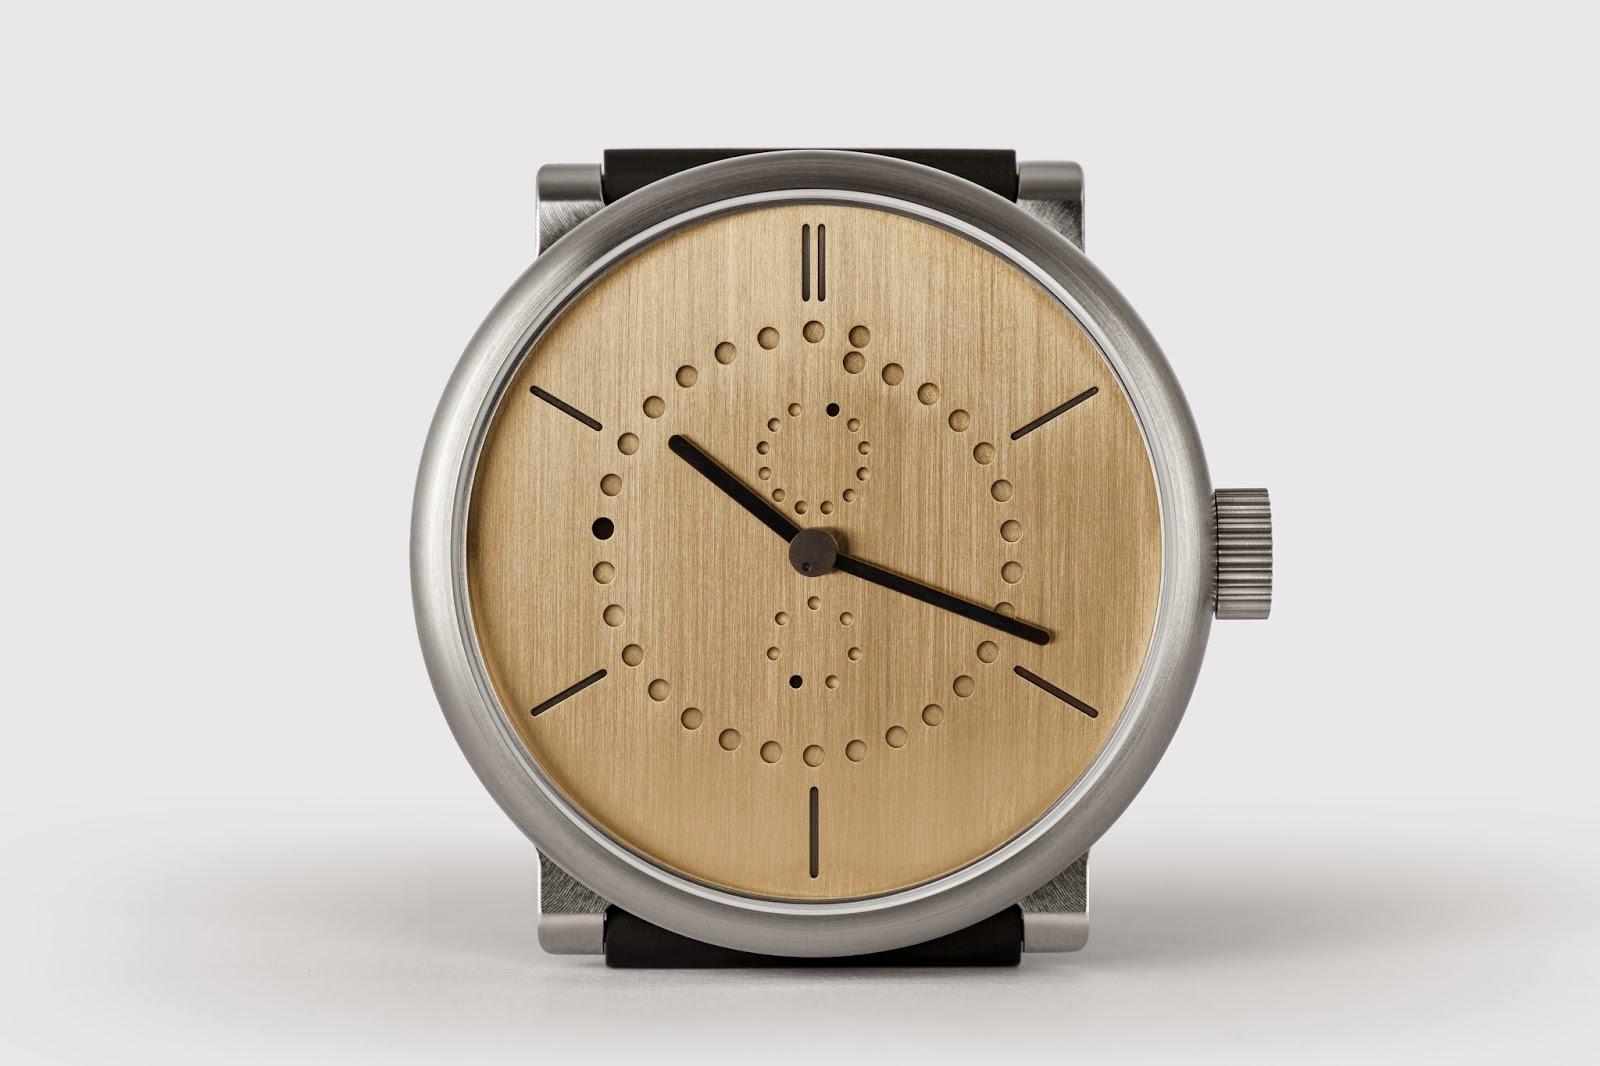 ochs und junior reloj calendar3